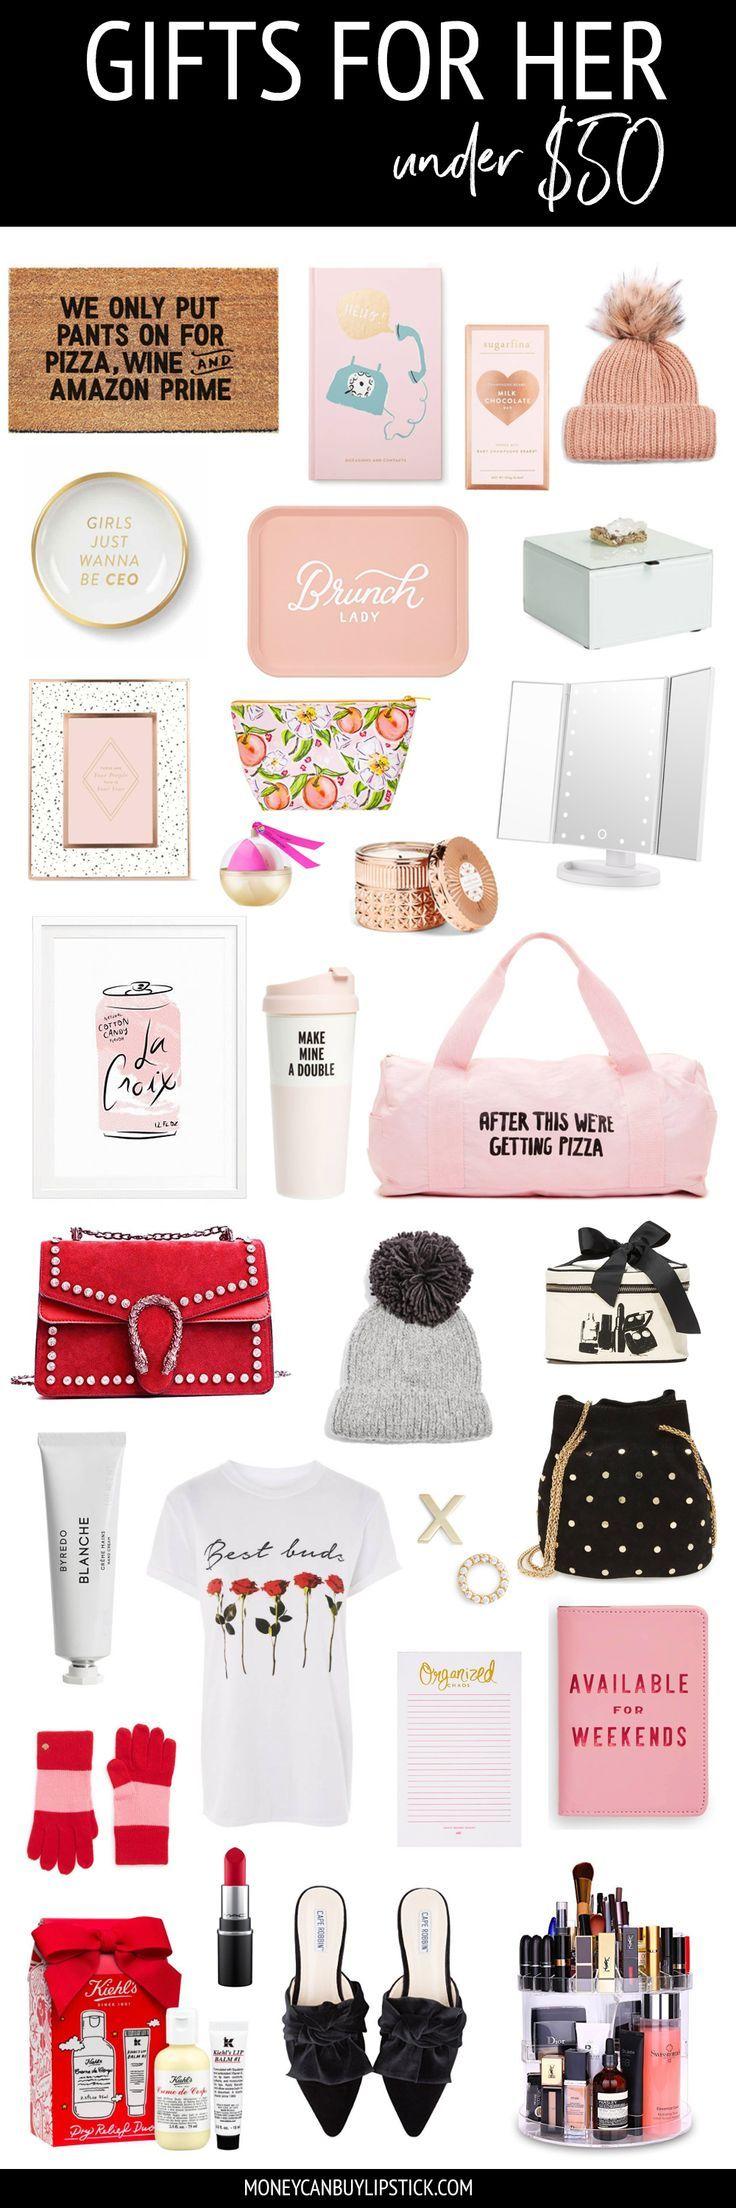 Geschenke für sie unter $ 50 | Geschenke Ideen | Pinterest | Gifts ...